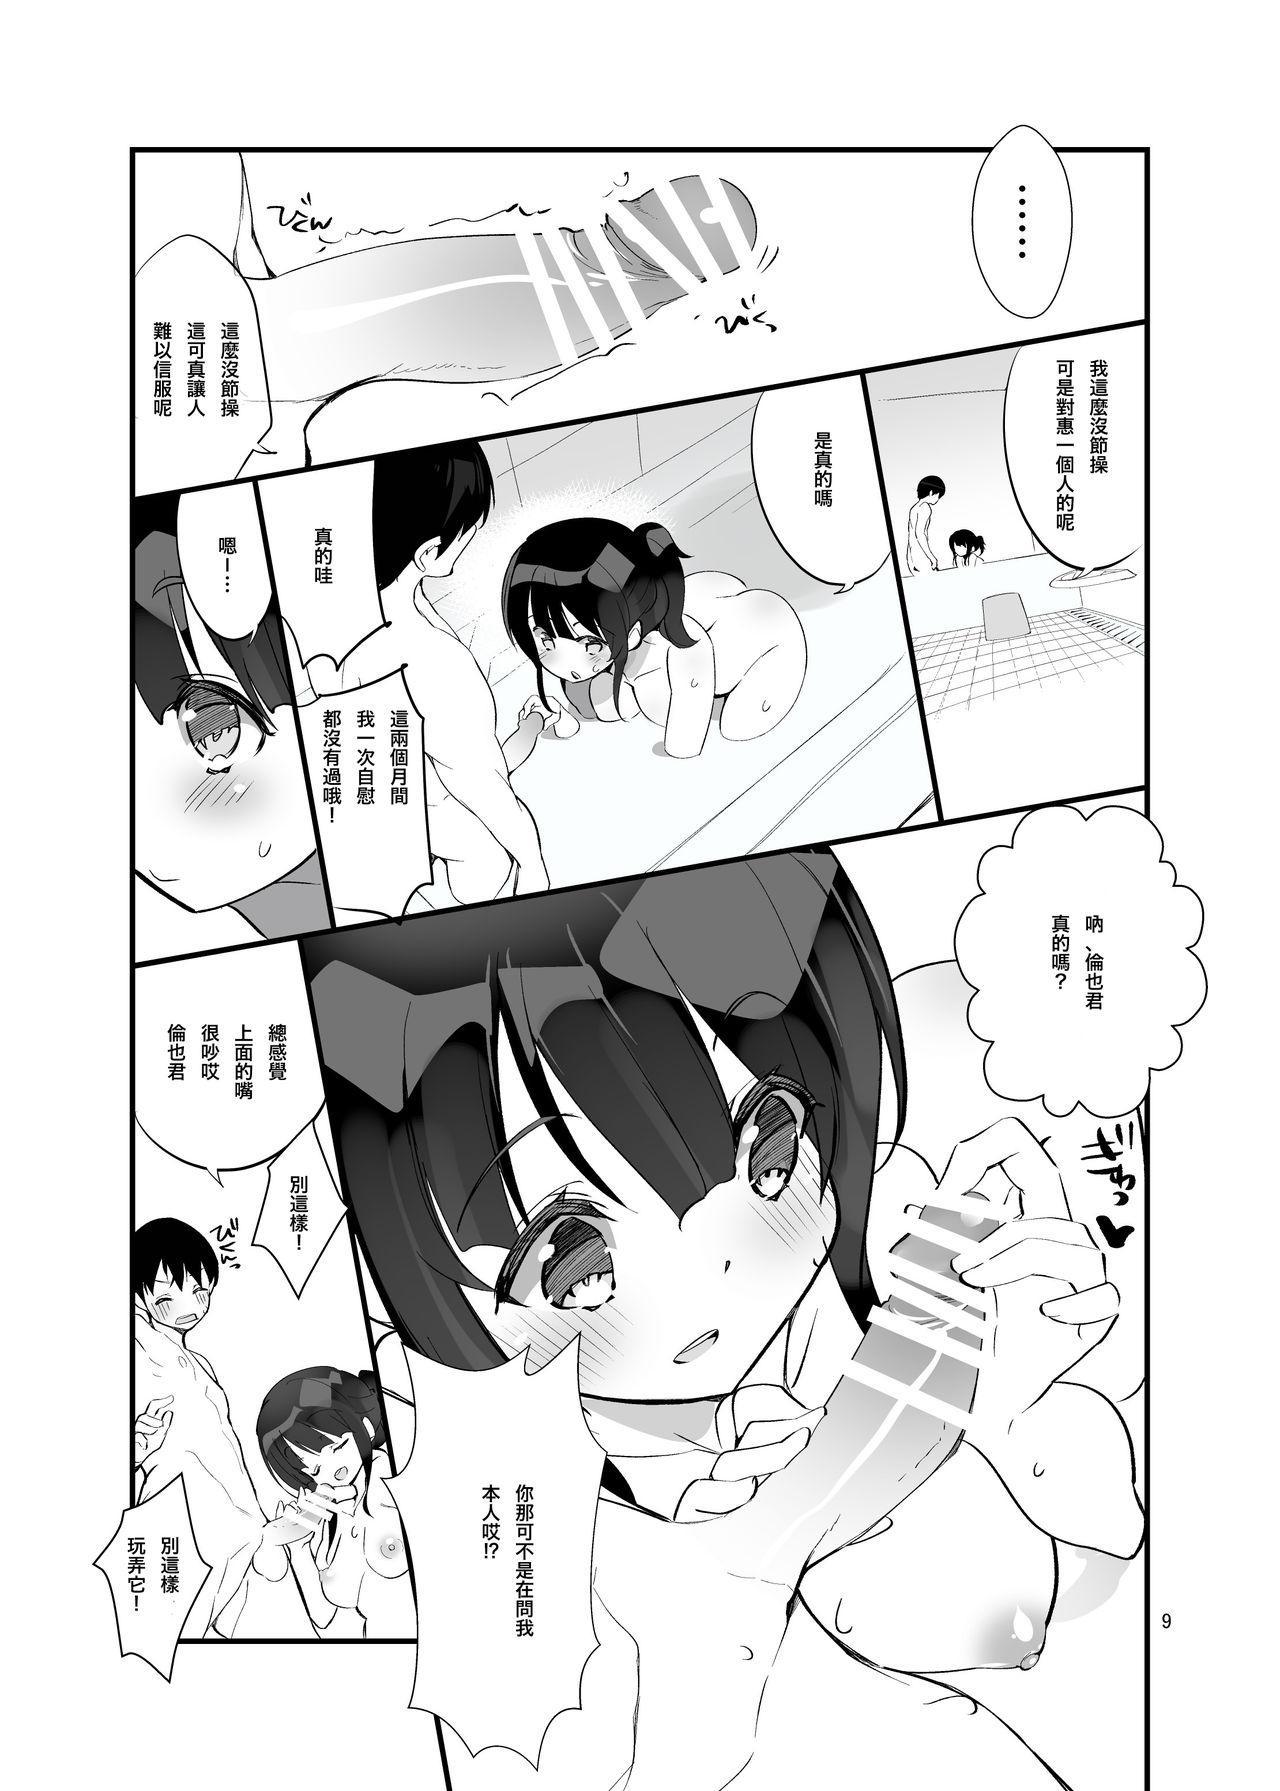 Futsukano wa Wotakare no Megane o Toru. 3 9